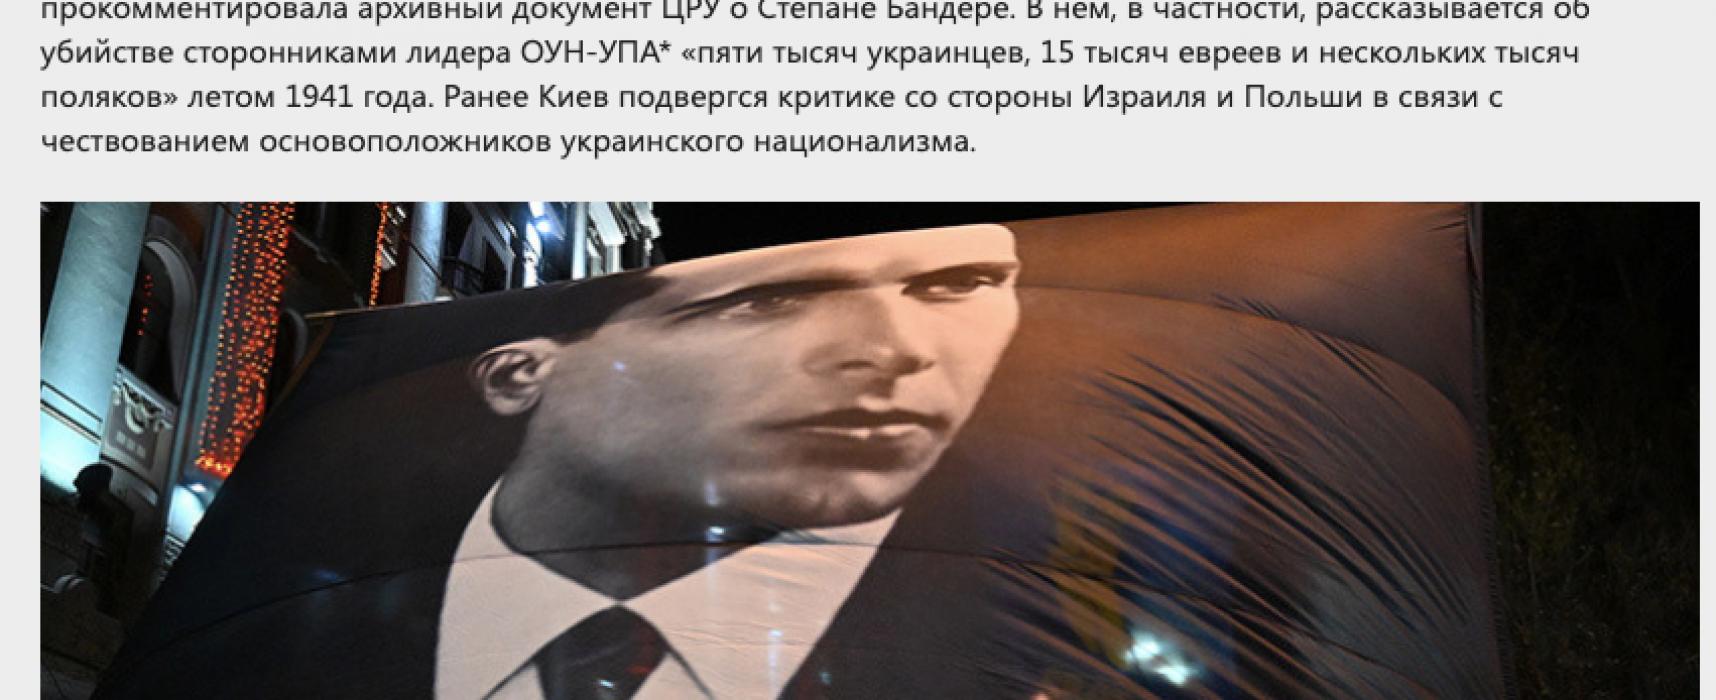 Falso: Un documento de archivo de la CIA revela la verdad sobre Stepán Bandera